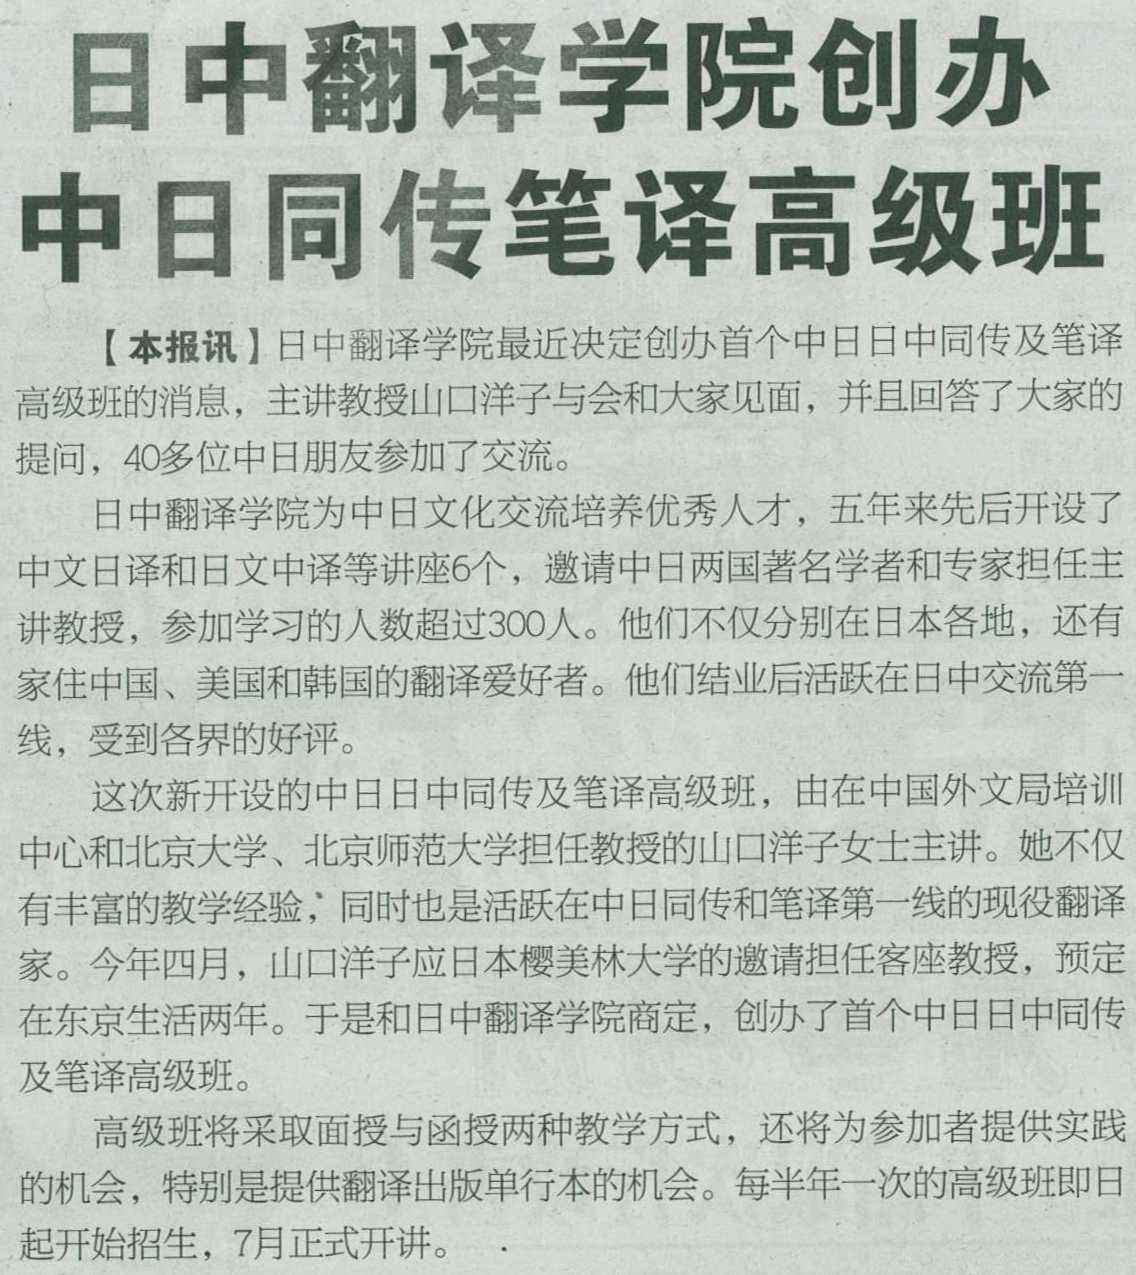 东京华文媒体对@日中翻訳学院 创办中日同传笔译高级班的报道_d0027795_16424126.jpg